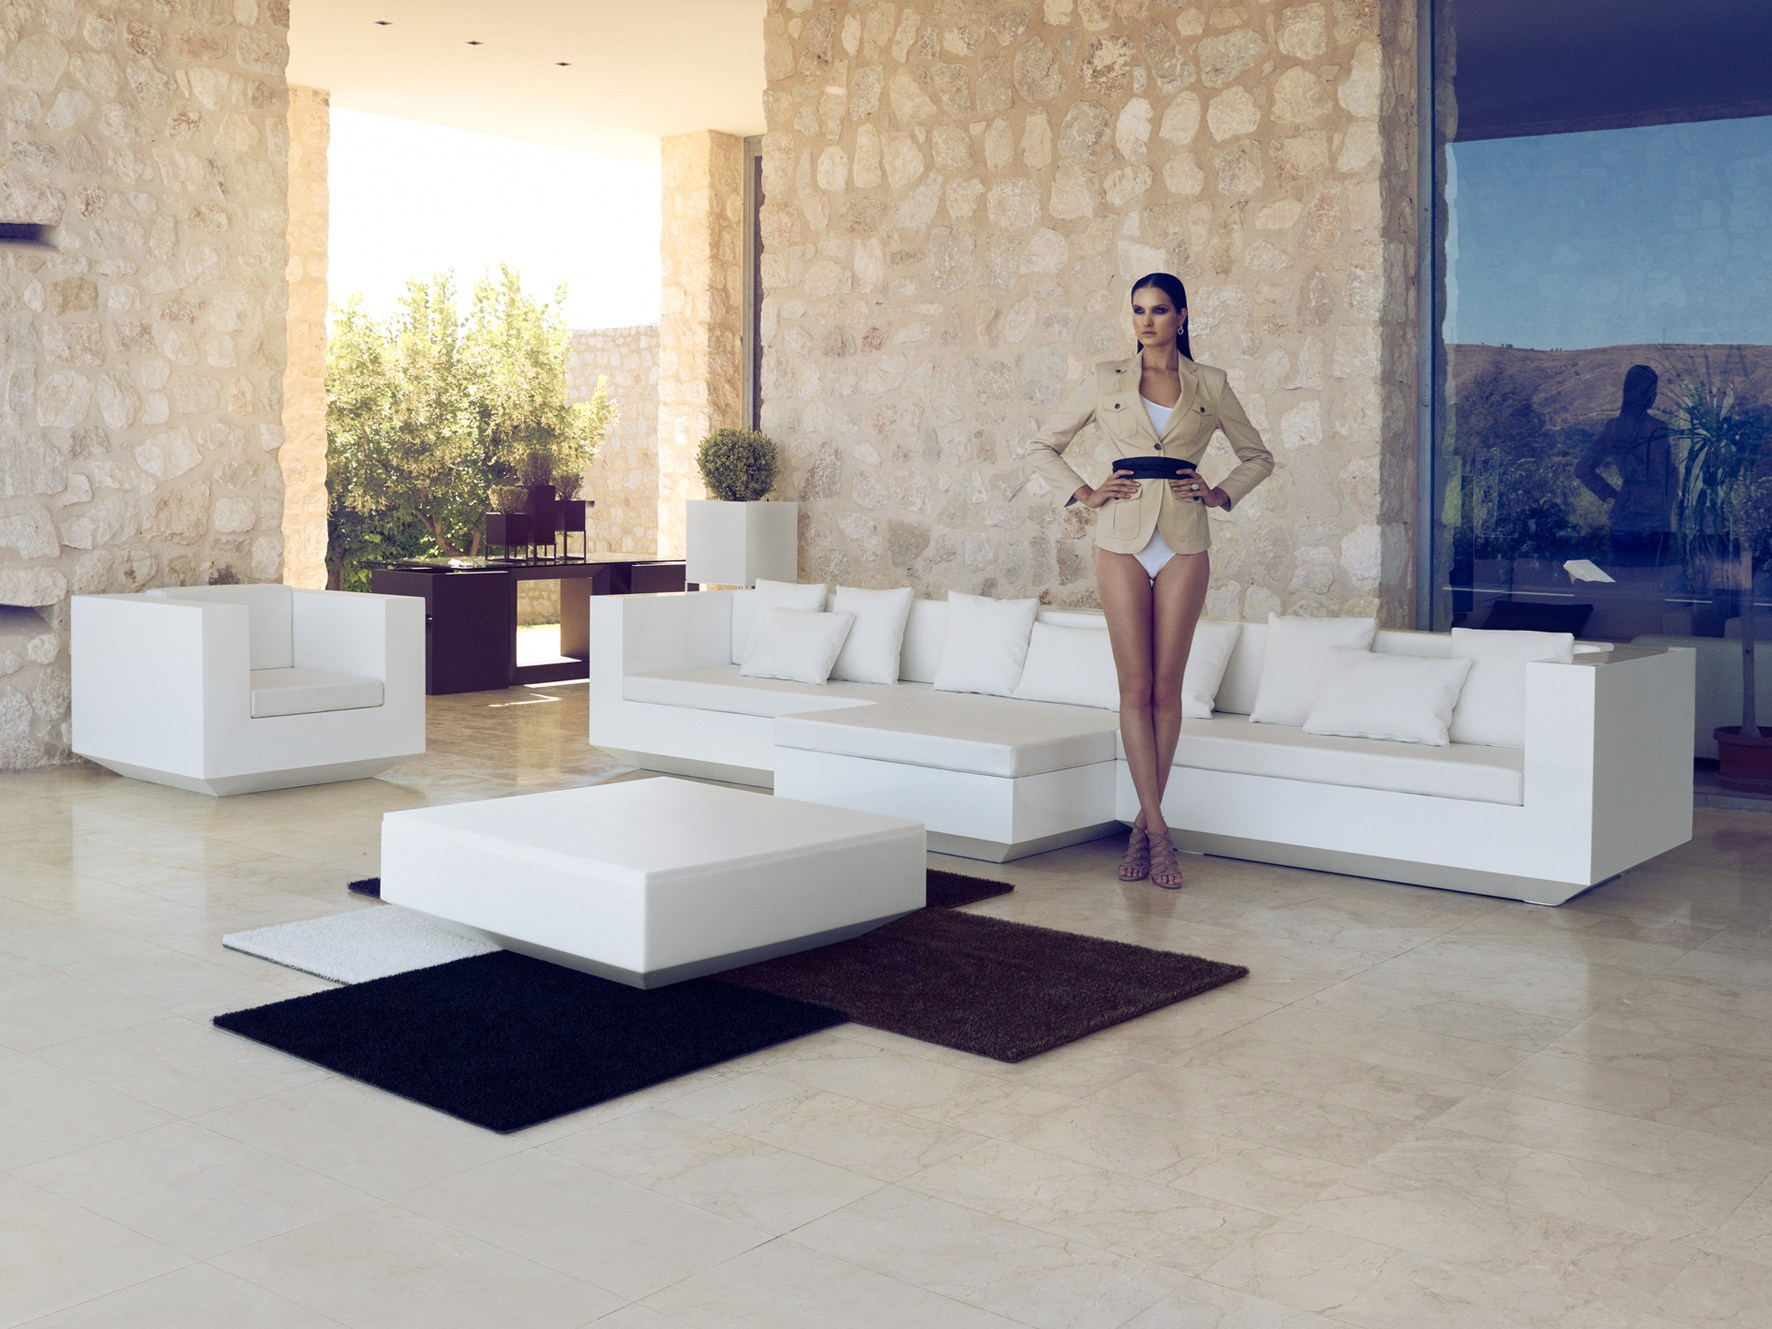 vela outdoor rug by vondom design ram n esteve. Black Bedroom Furniture Sets. Home Design Ideas